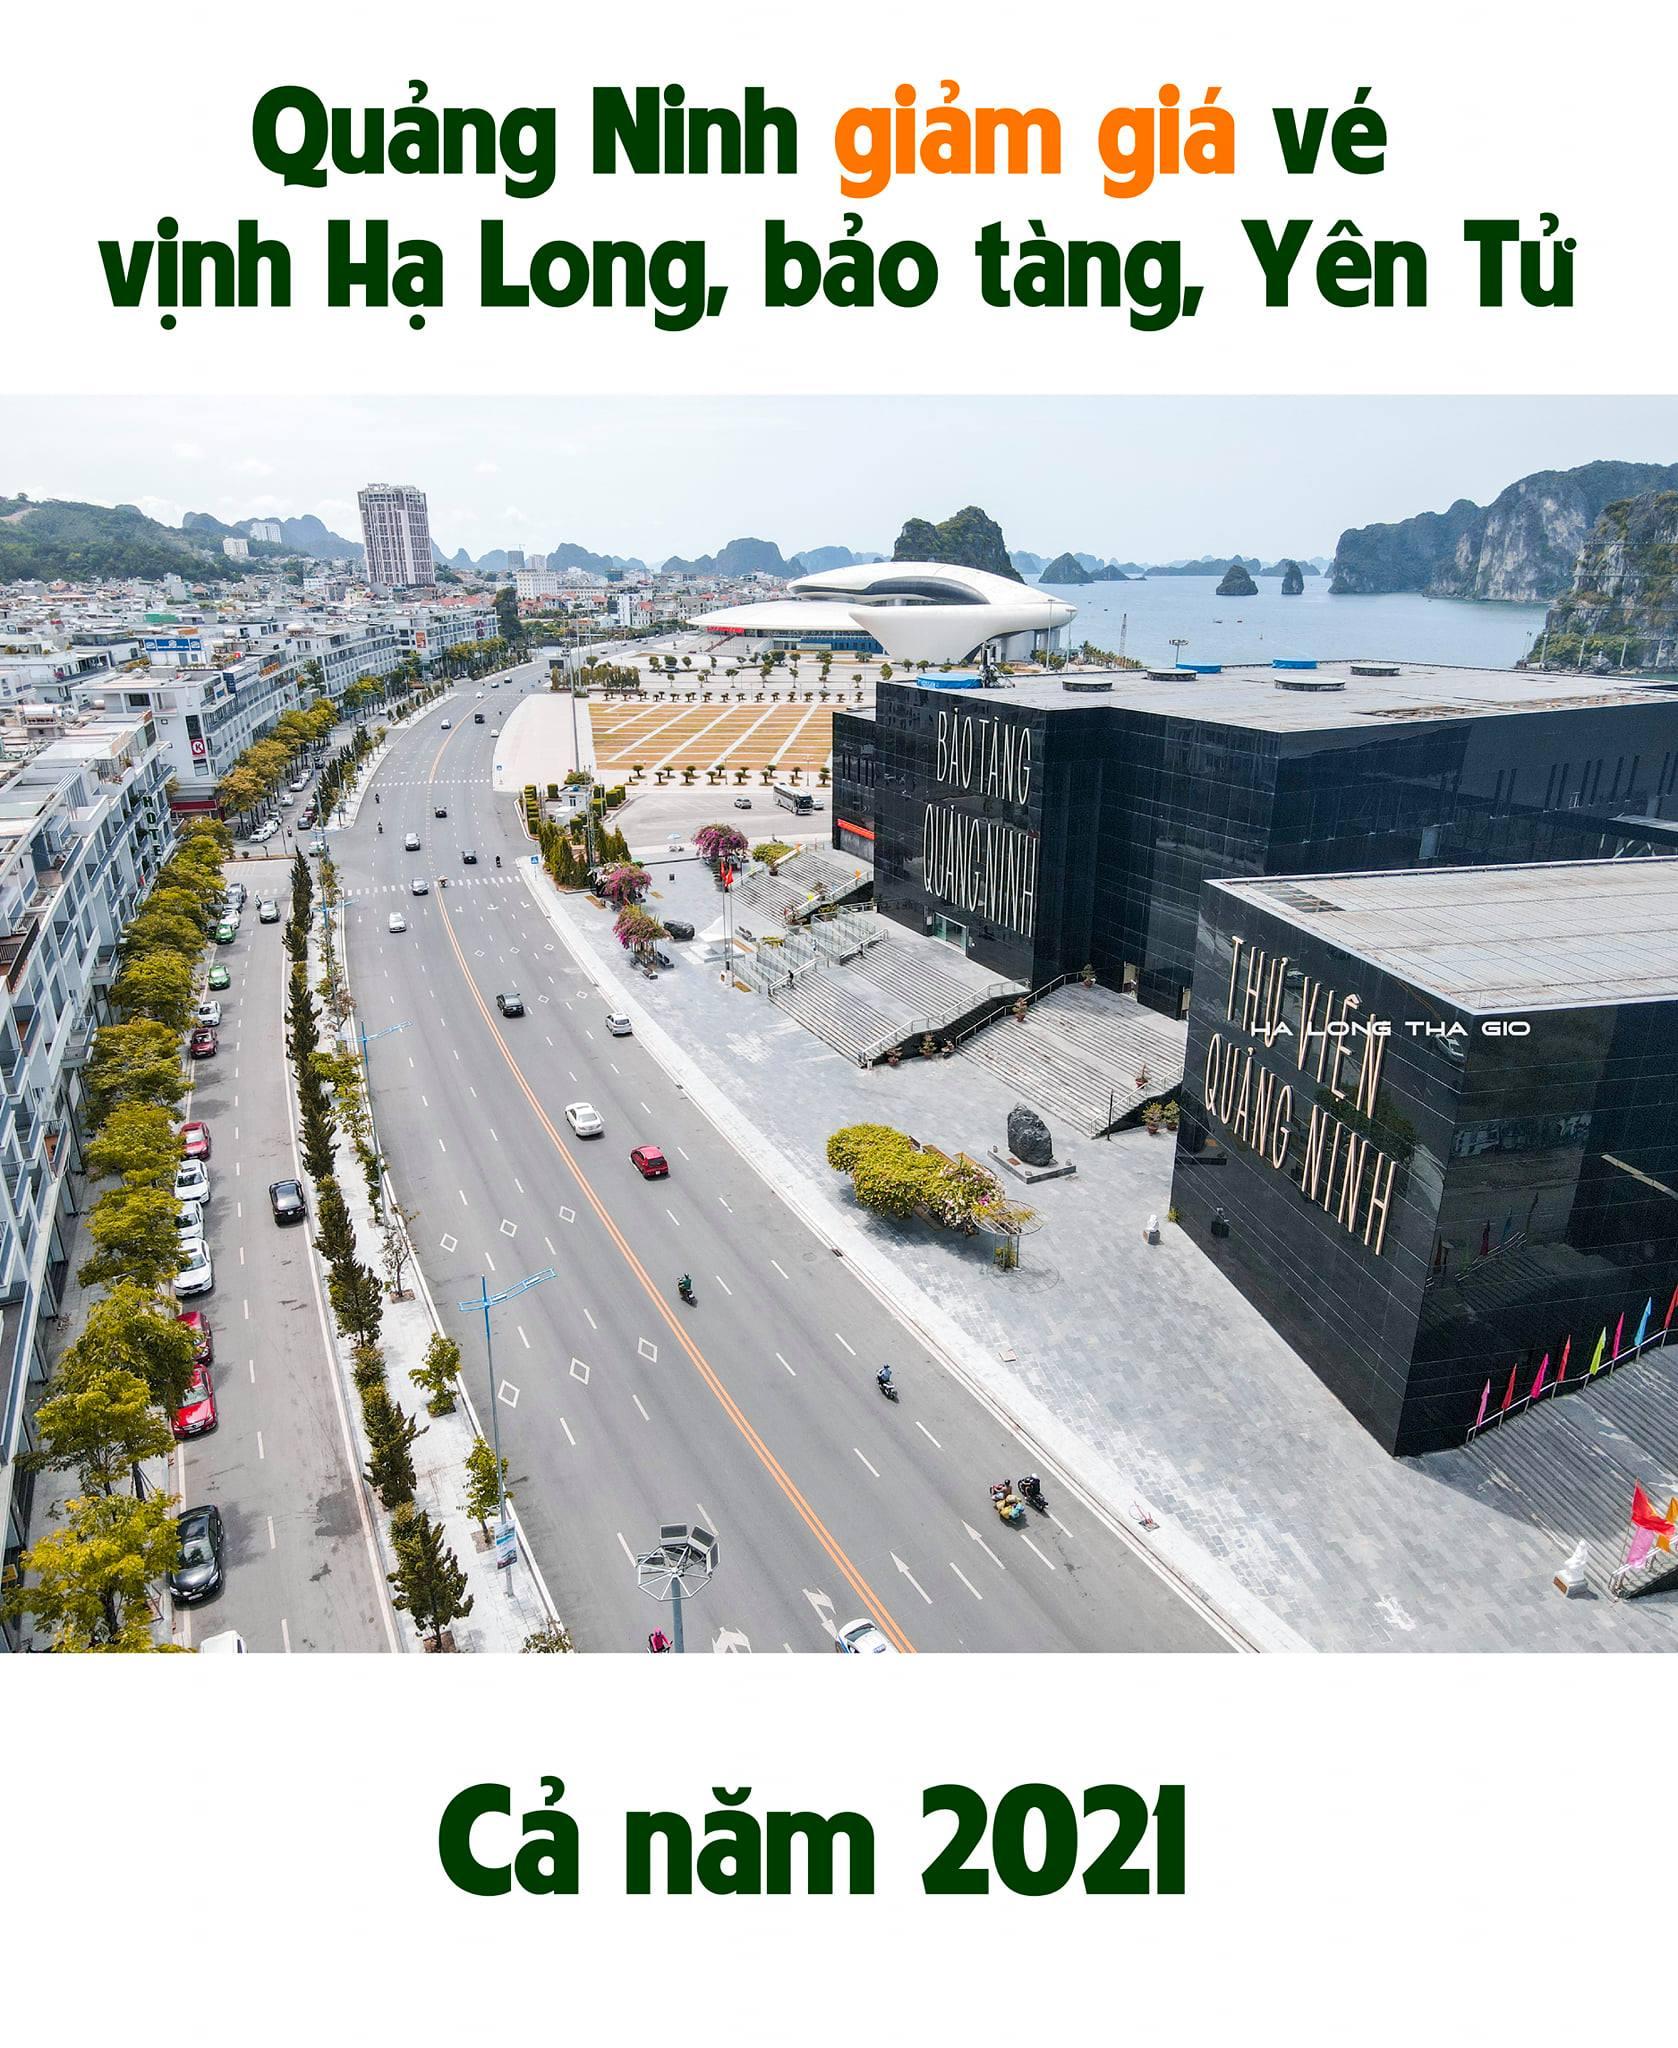 Giảm giá vé thăm Vịnh Hạ Long 2021